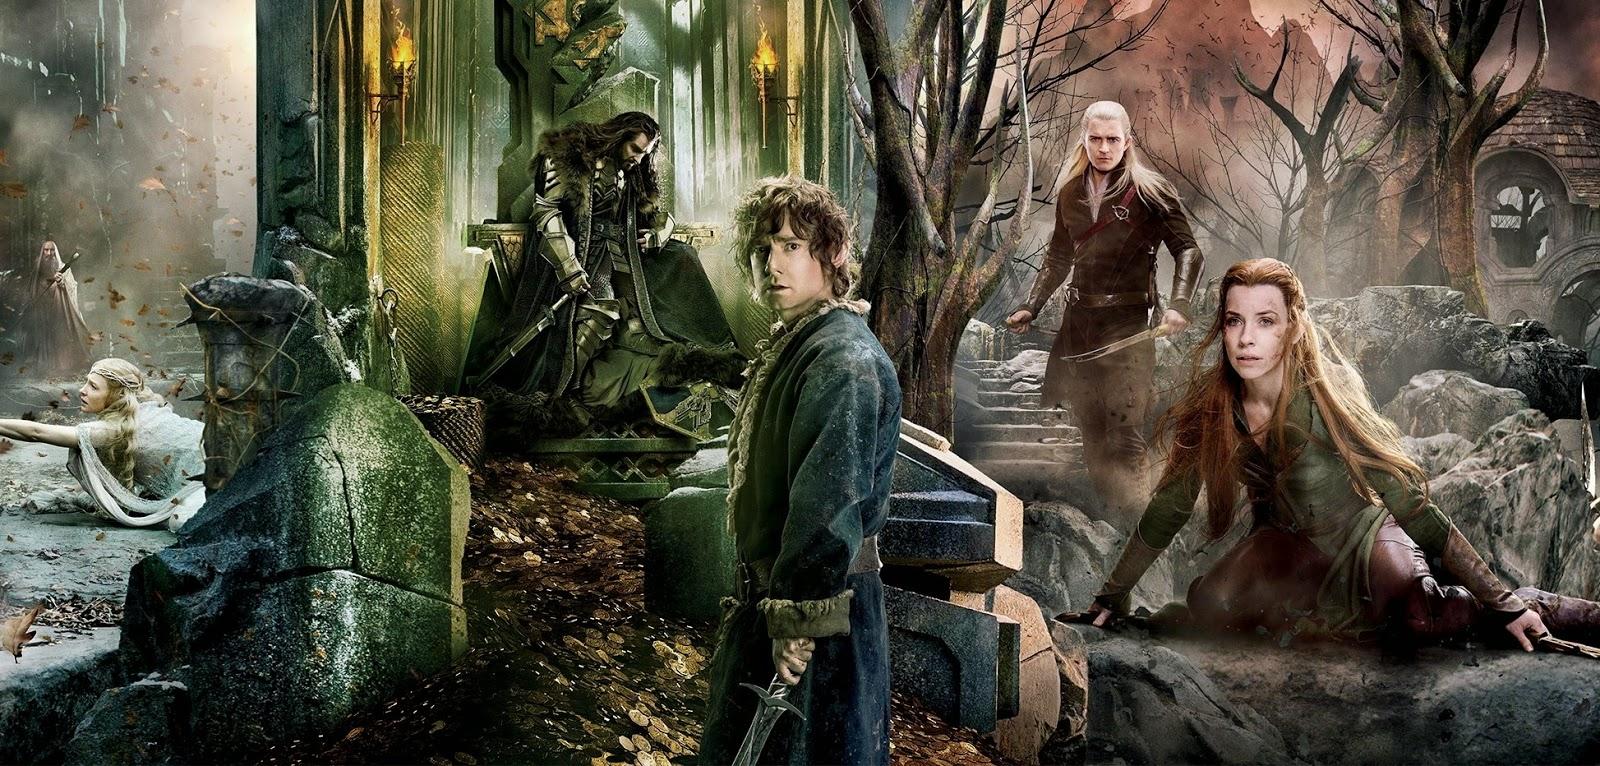 Batalhas são travadas no banner inédito de O Hobbit: A Batalha dos Cinco Exércitos, de Peter Jackson